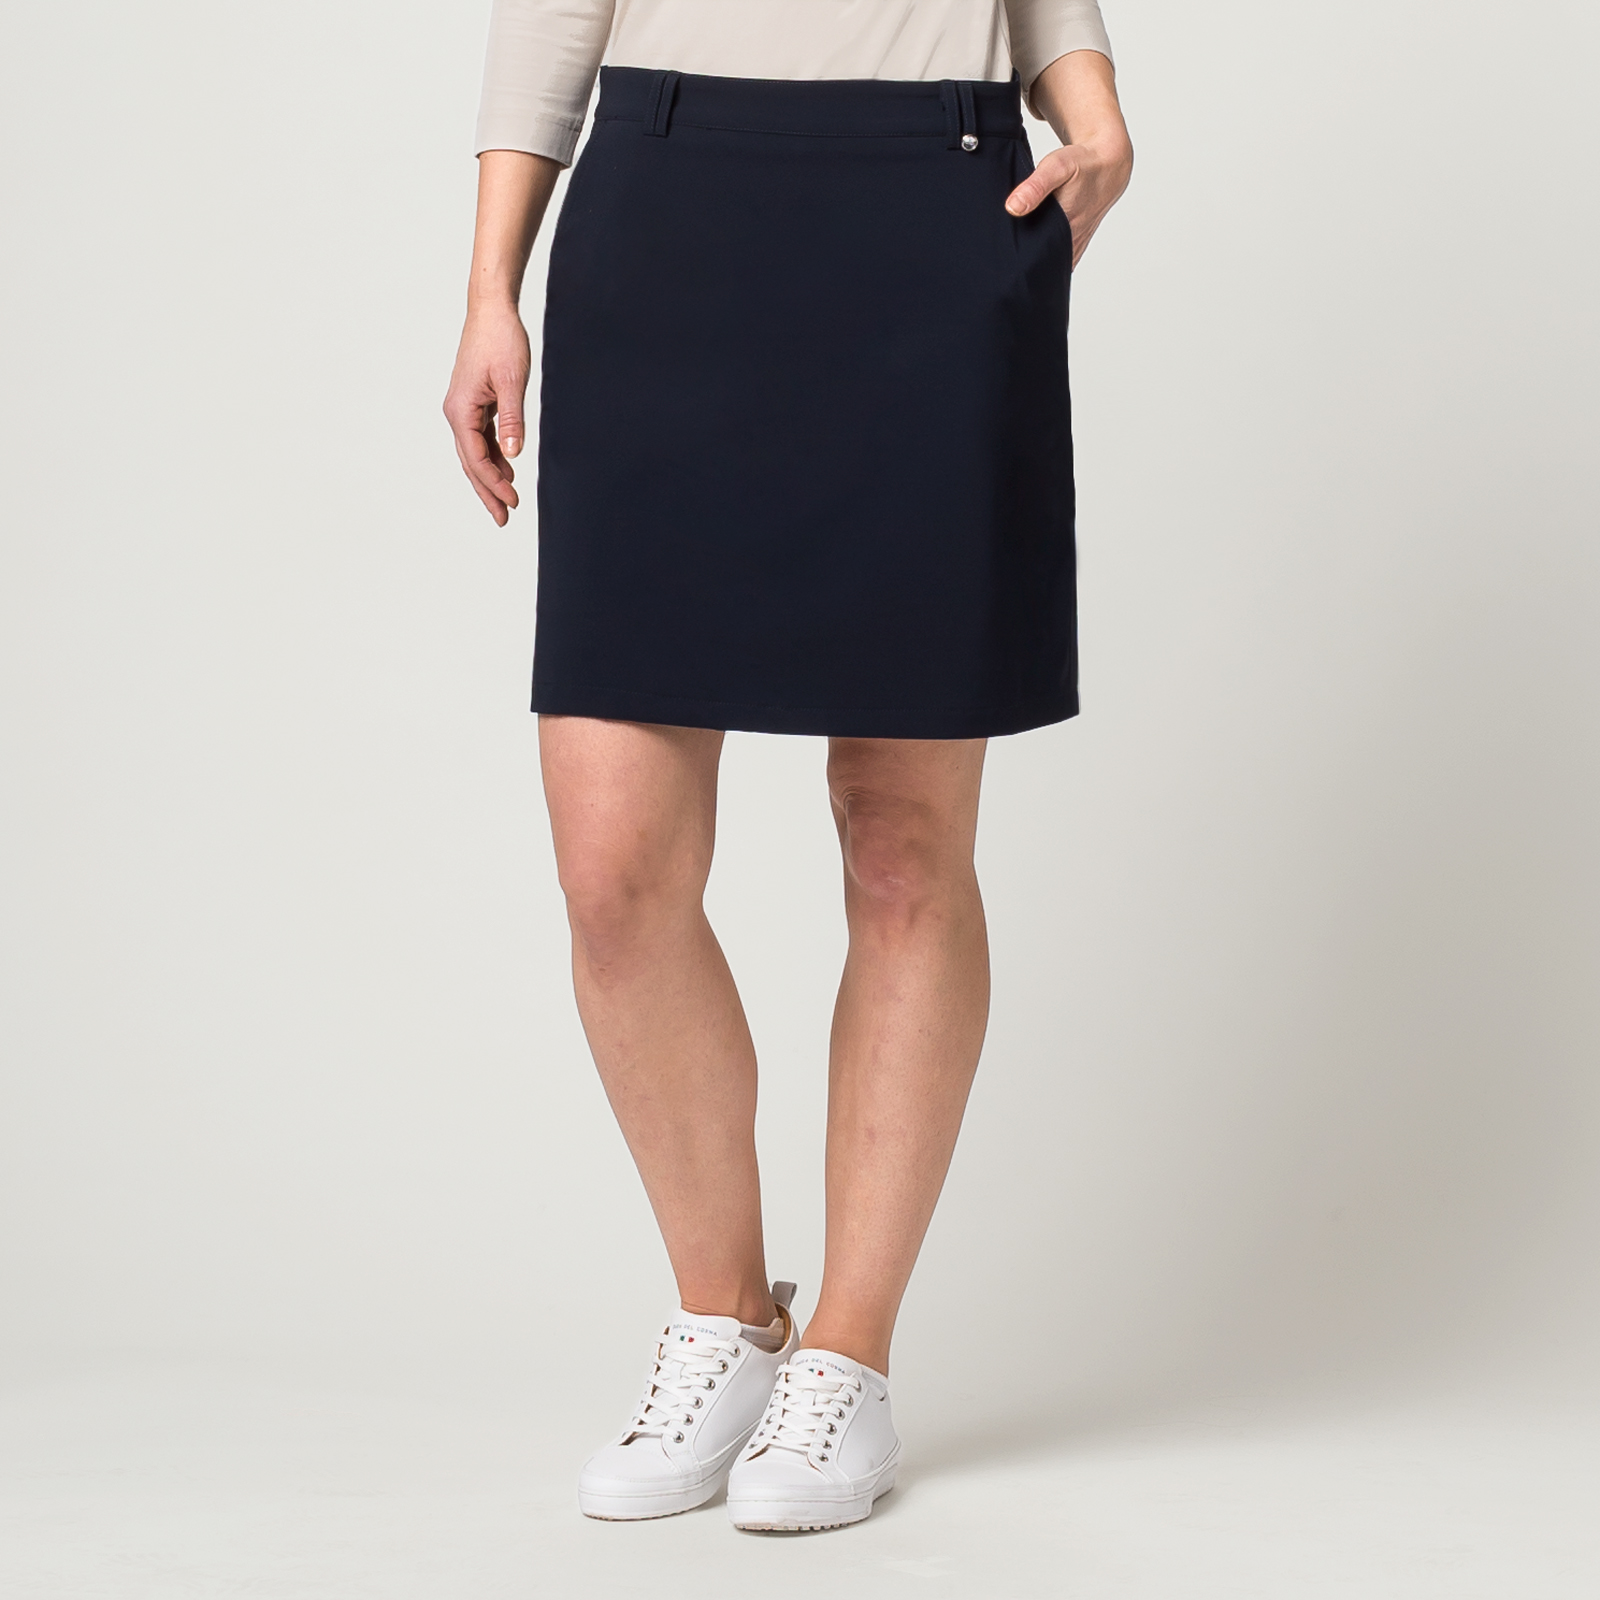 Damen Golfskort aus wasserabweisendem Stretch-Material